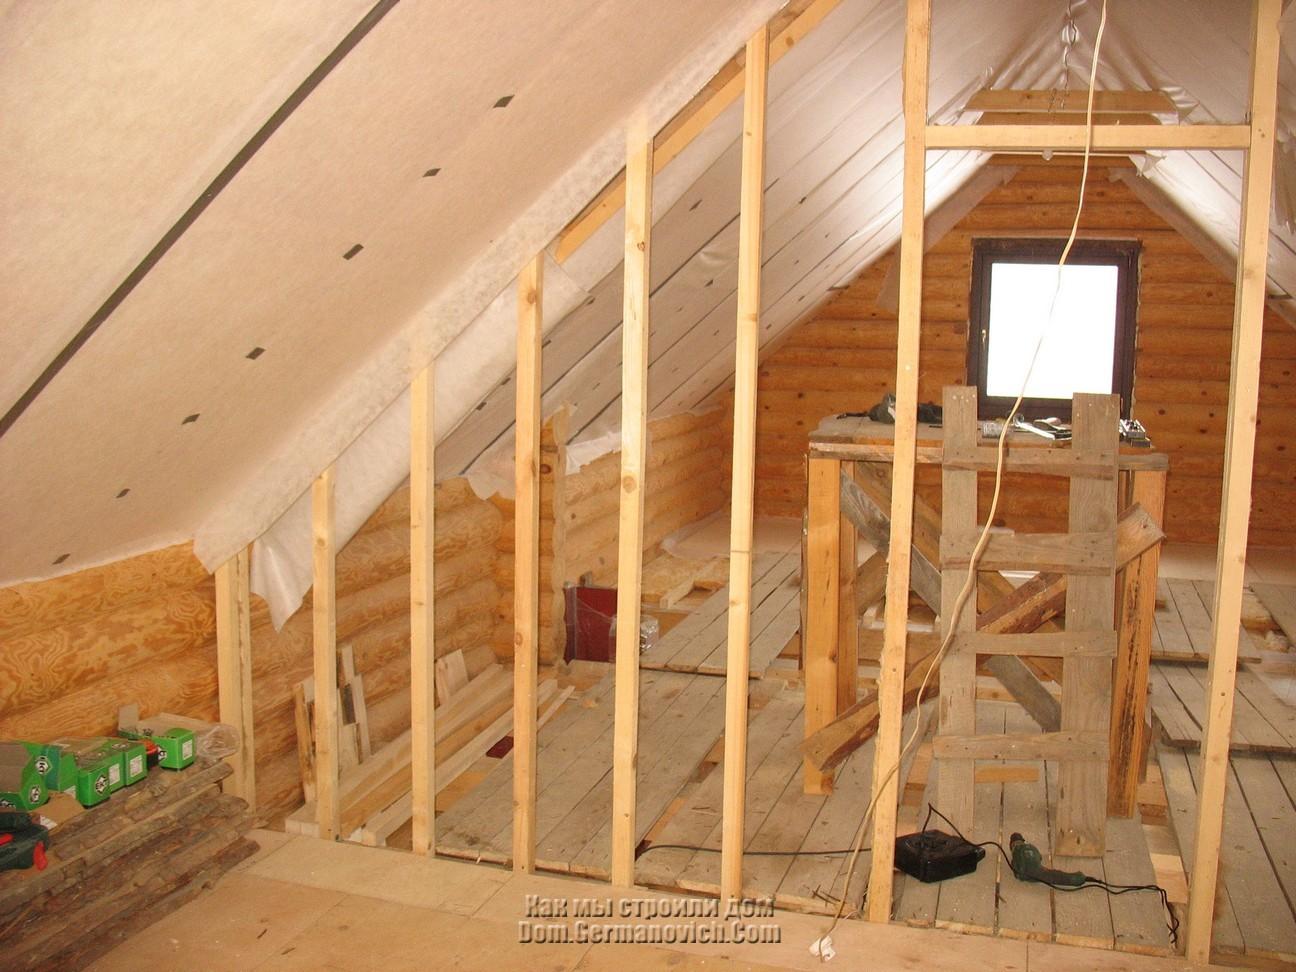 Межкомнатные перегородки в деревянном доме своими руками - о нюансах в строительных работах